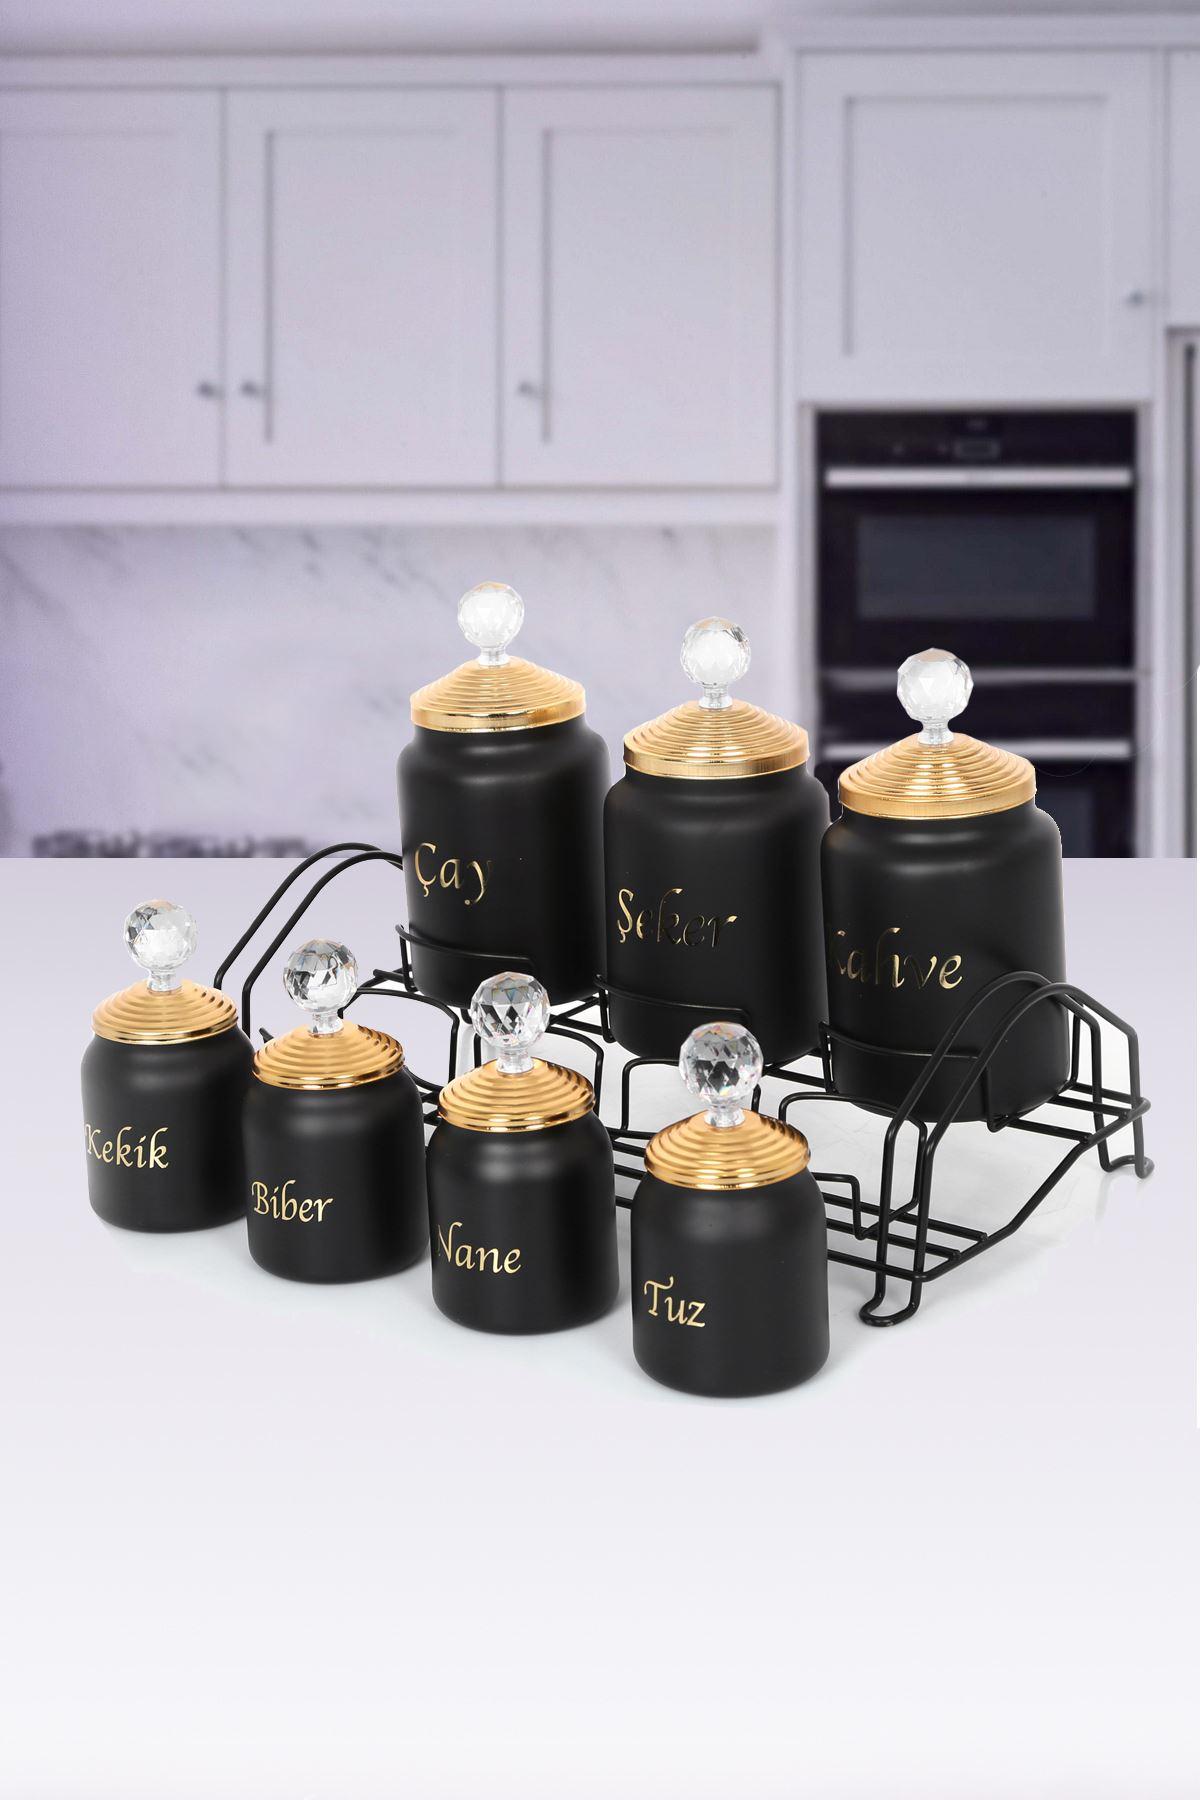 Kitchen Trend 7 Li Standlı Türkçe Yazılı Cam Baharat Takımı